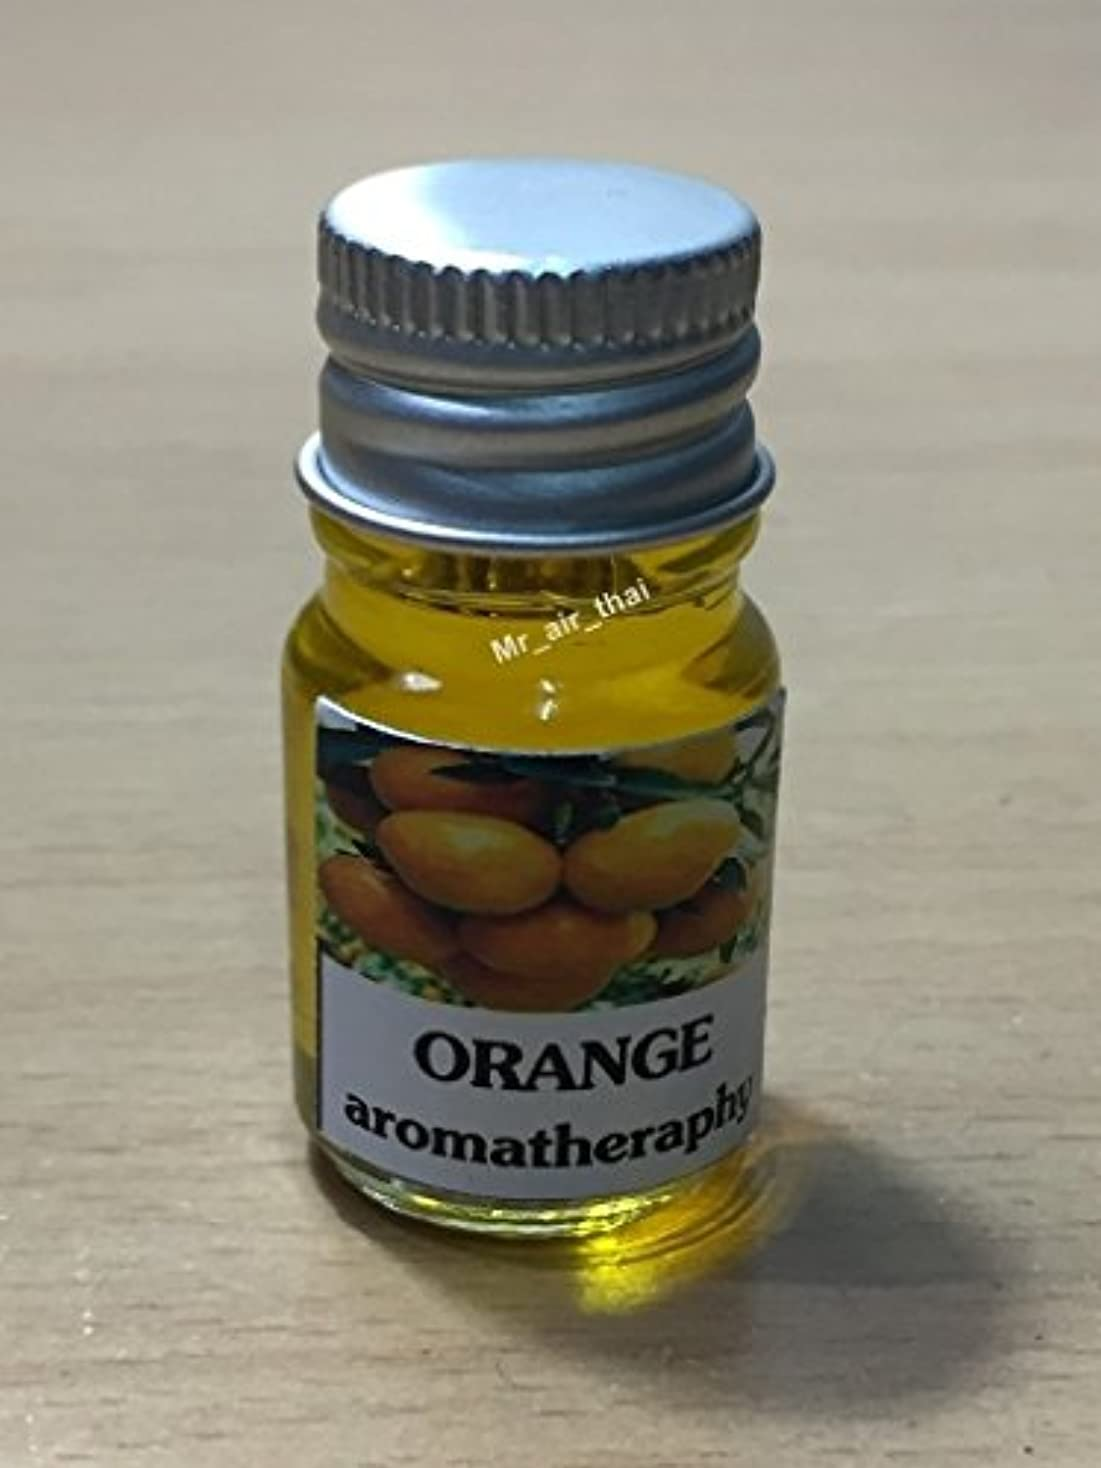 処分したすり減る資格情報5ミリリットルアロマオレンジフランクインセンスエッセンシャルオイルボトルアロマテラピーオイル自然自然5ml Aroma Orange Frankincense Essential Oil Bottles Aromatherapy...